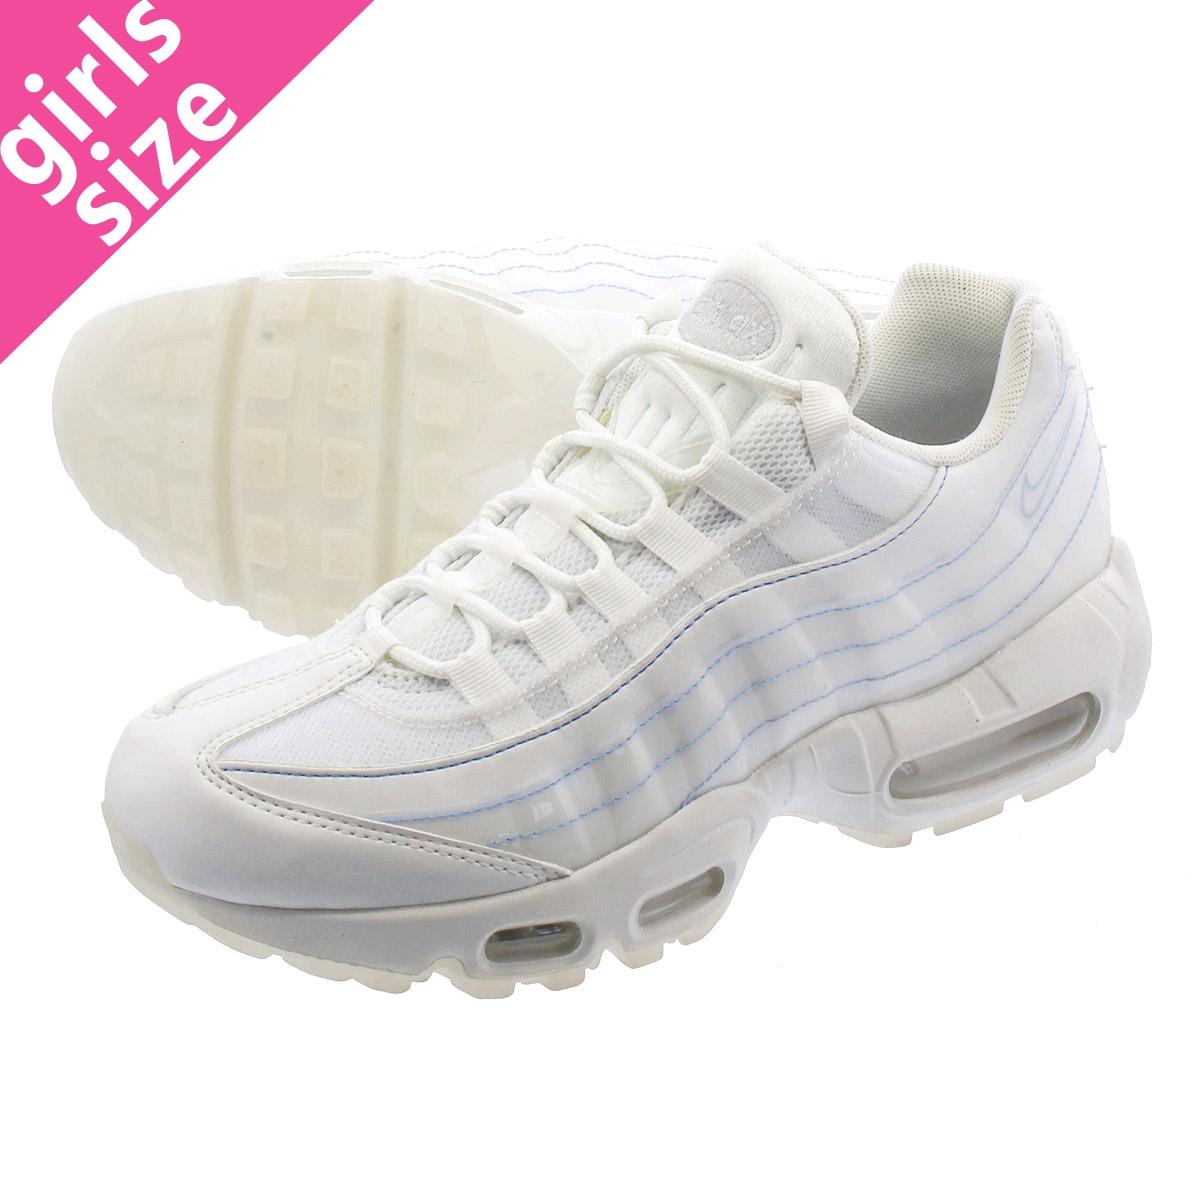 NIKE WMNS AIR MAX 95 SE Nike women Air Max 95 SE SUMMIT WHITESUMMIT WHITE 918,413 102